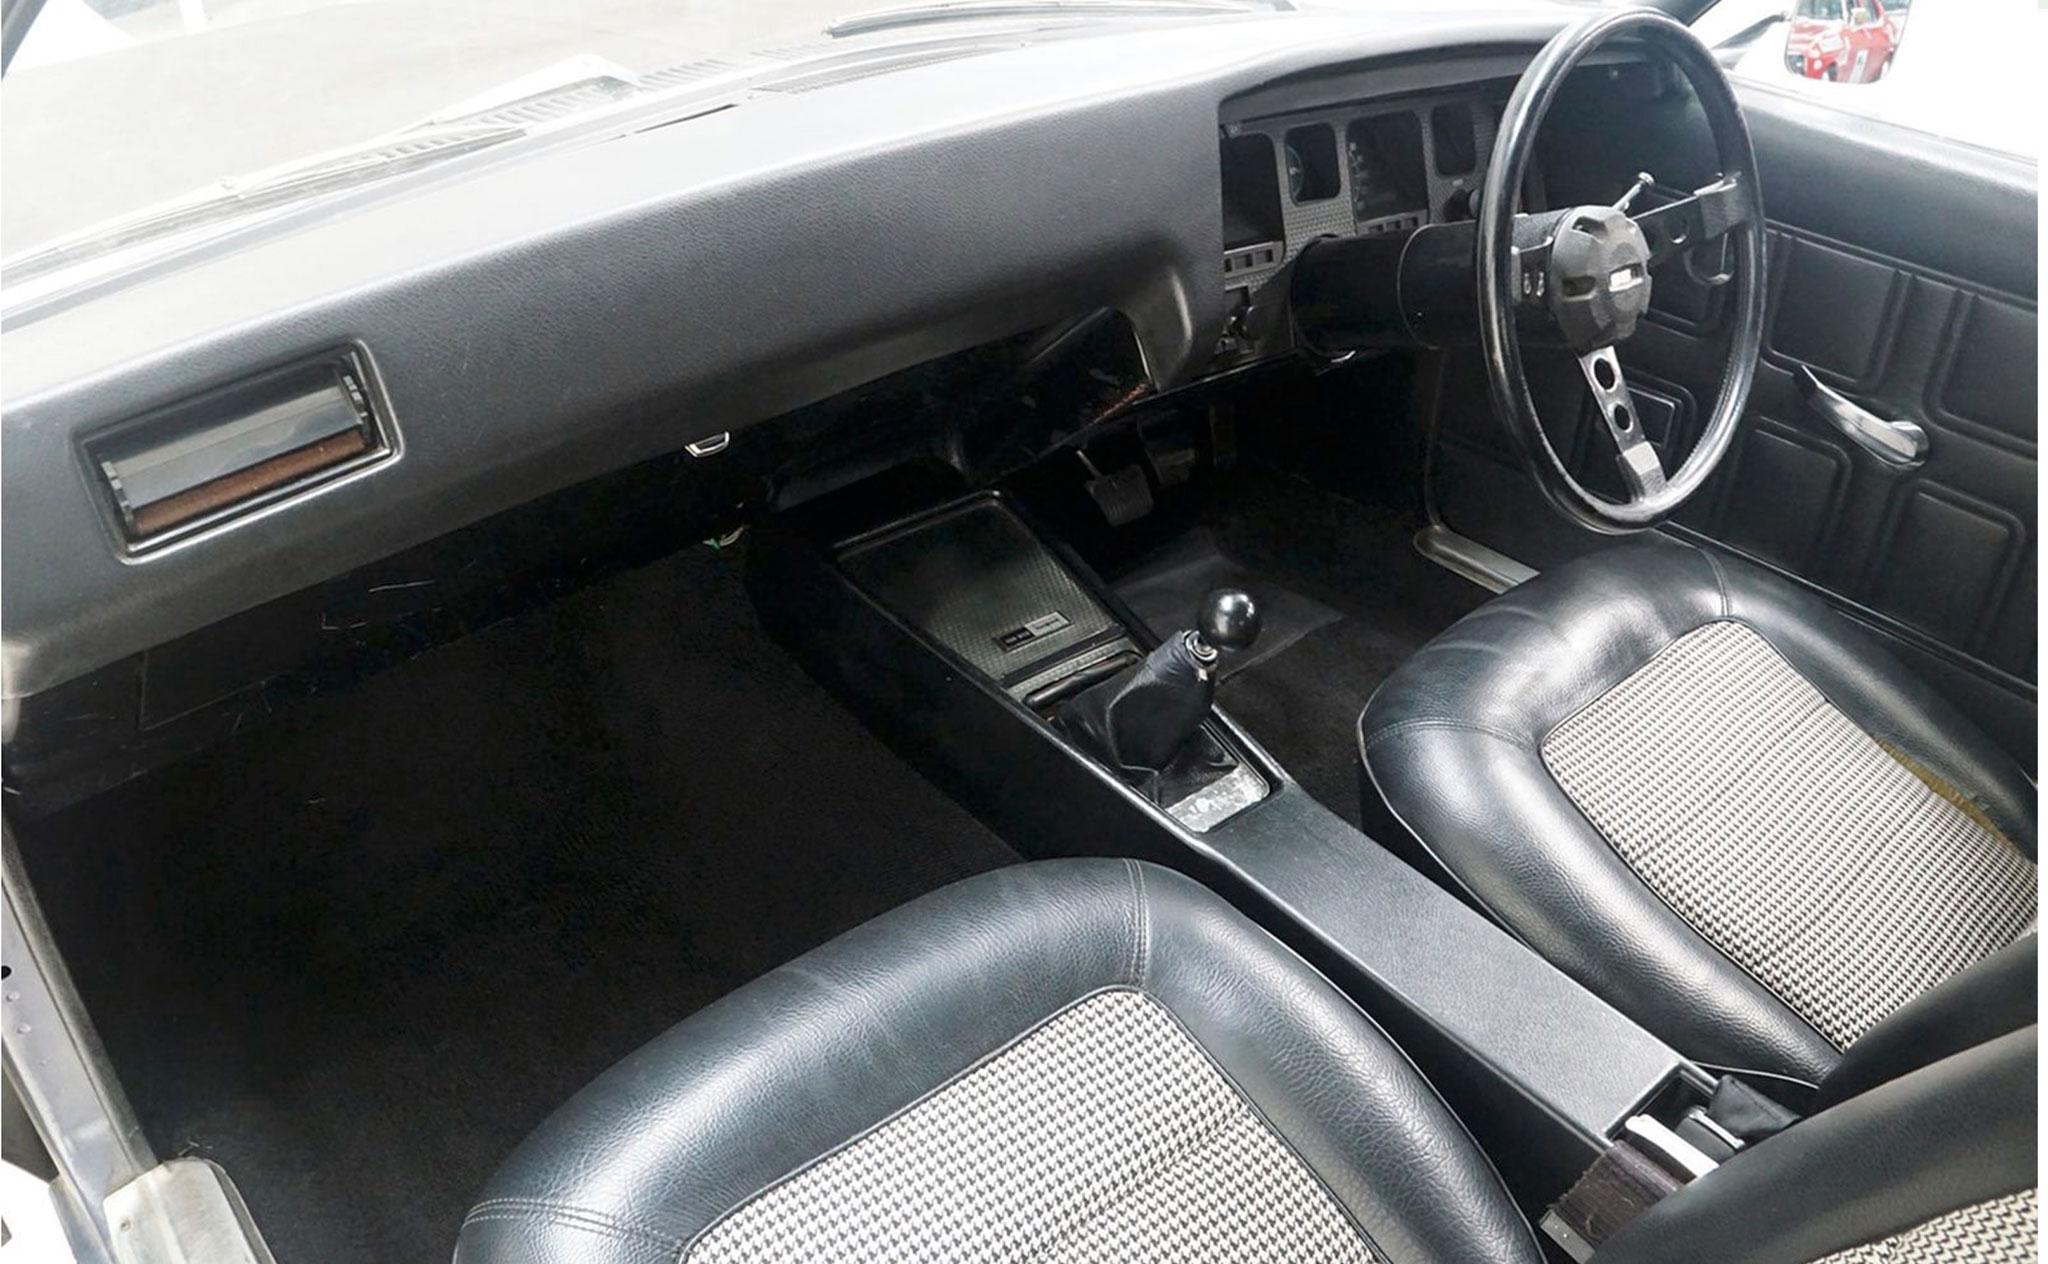 1972 Holden HQ SS Sedan intérieur vinyle et insert pied-de-poule.